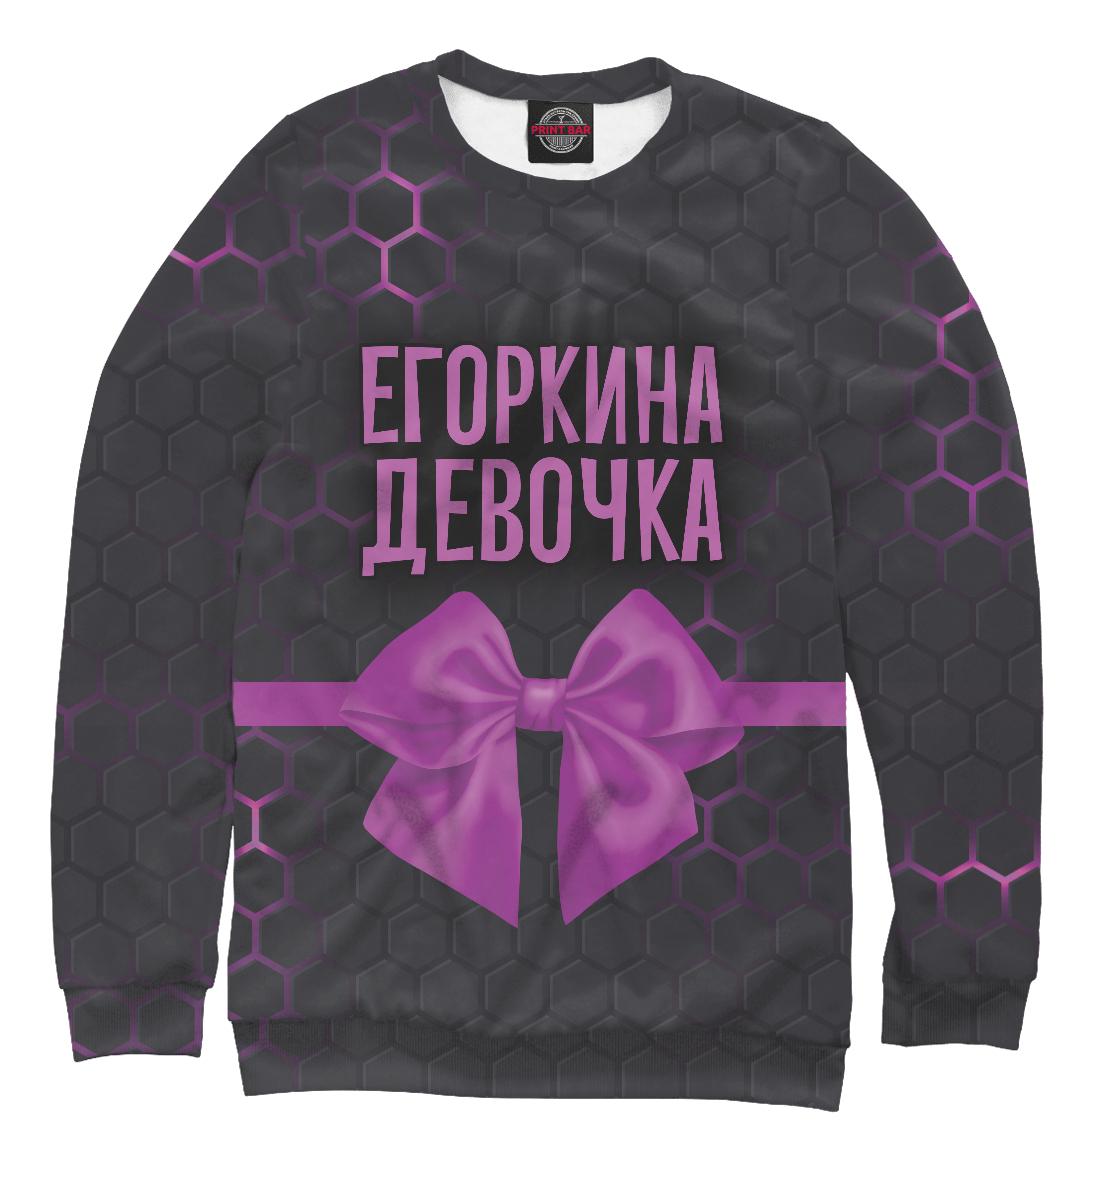 Свитшот Егоркина девочка